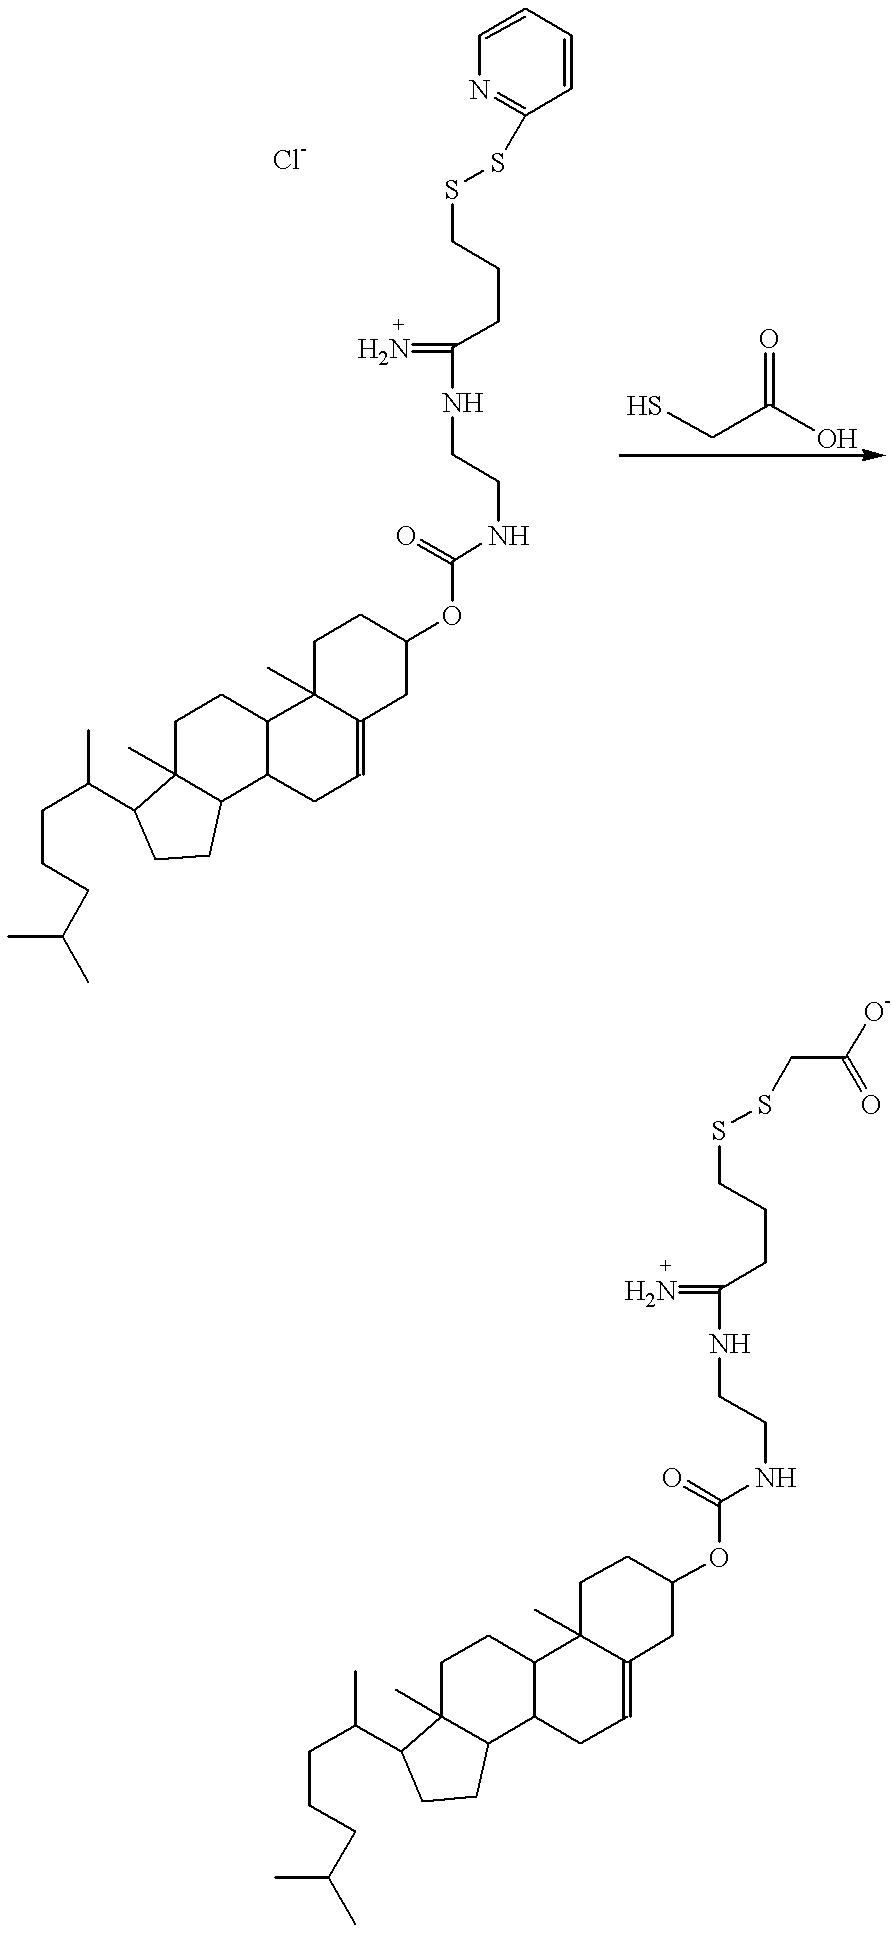 Figure US06379698-20020430-C00015